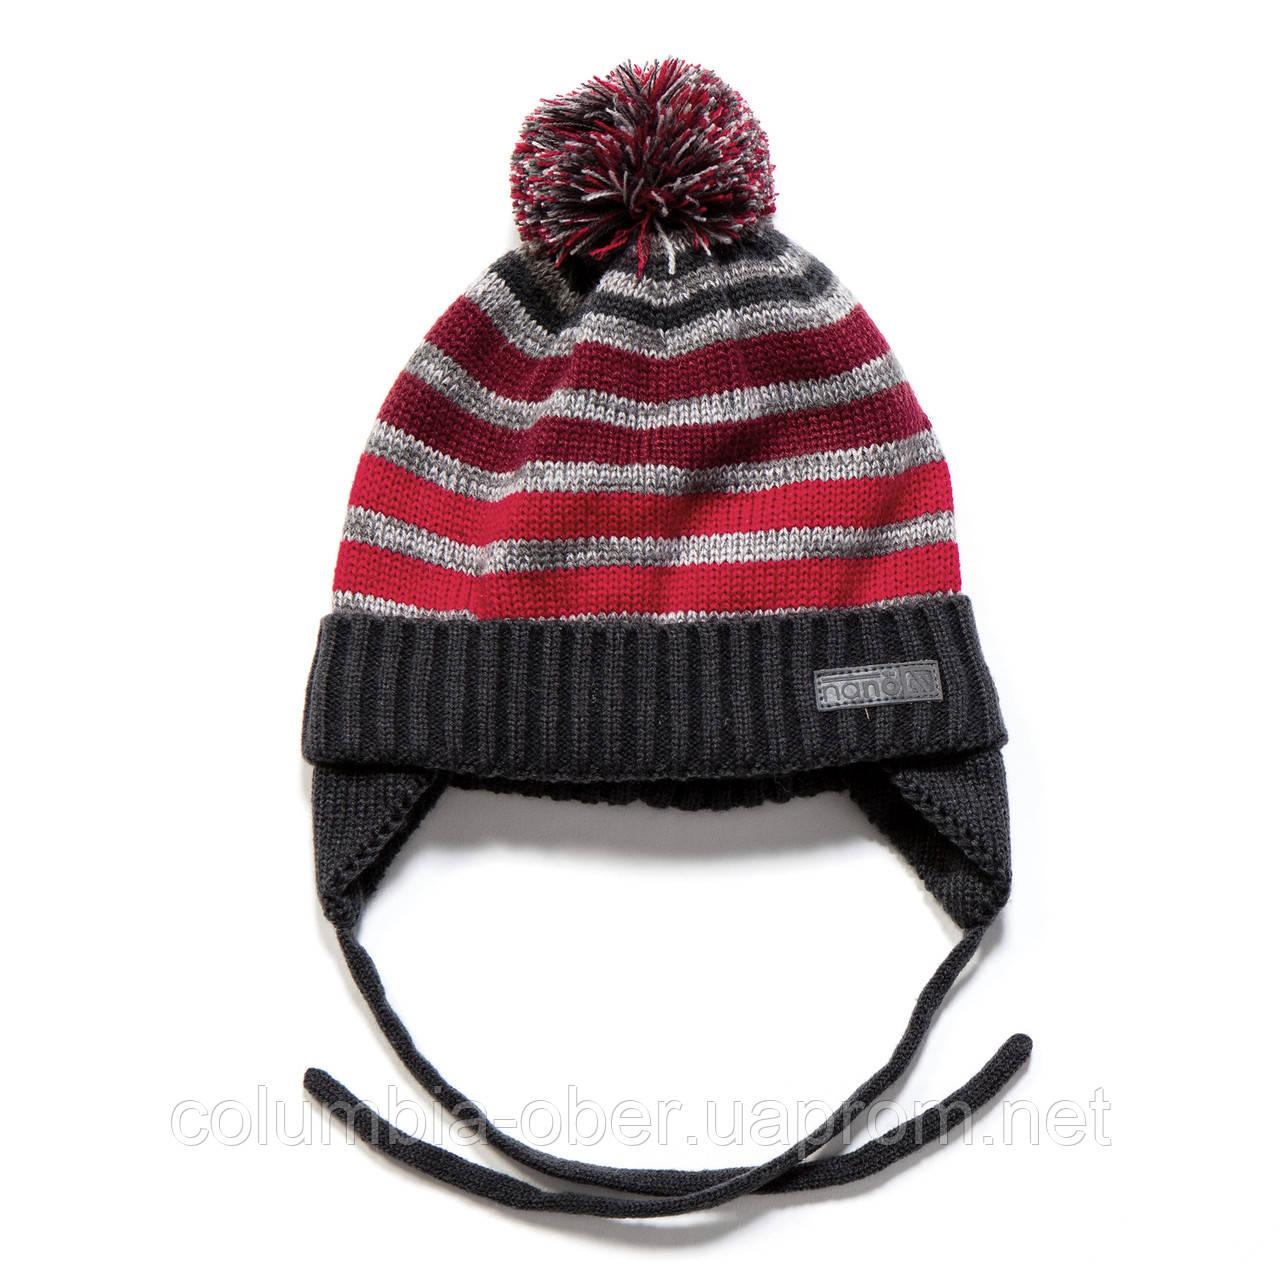 Зимняя шапка для мальчика Nano F17 TU 255Deep Grey Mix. Размеры 9/12 мес -  7/12.